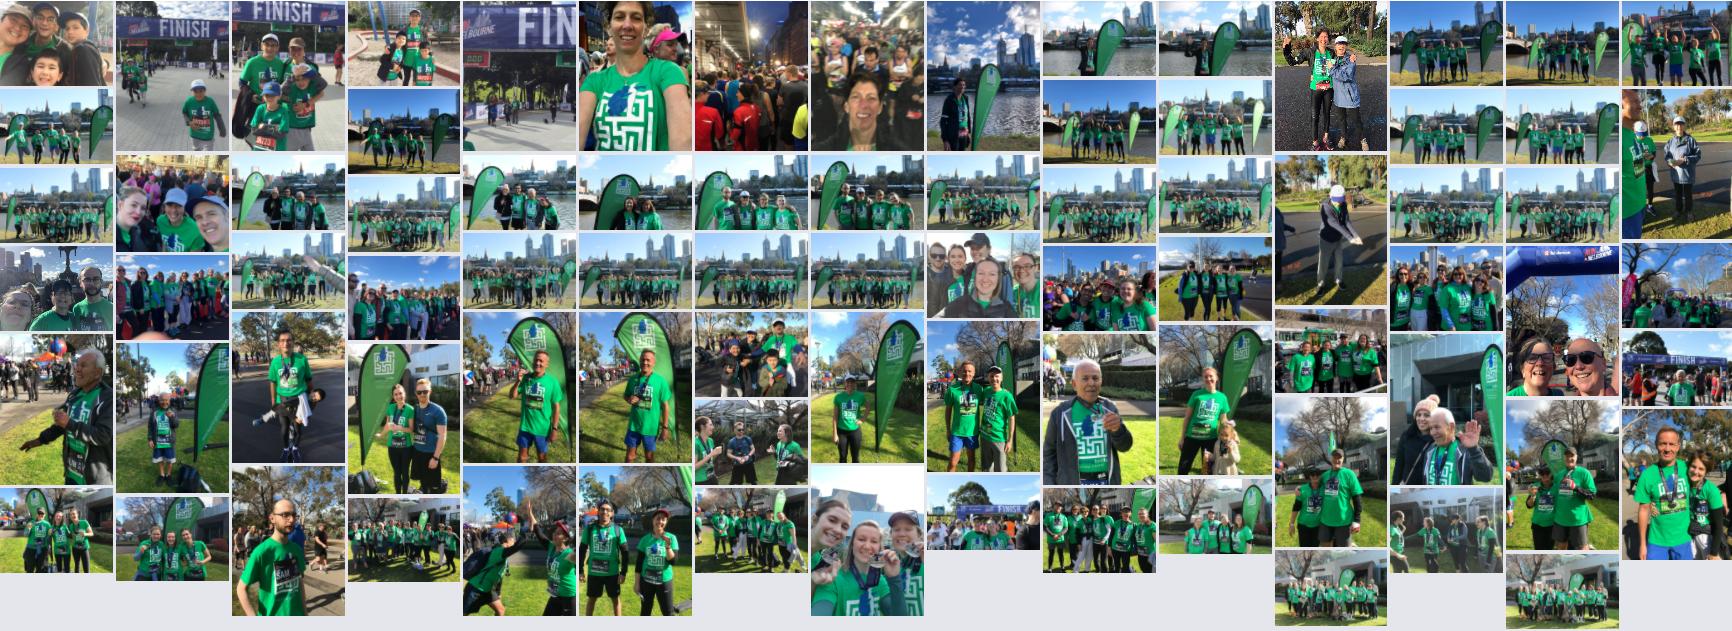 Team L4Life at Run Melbourne 2018 - photo album